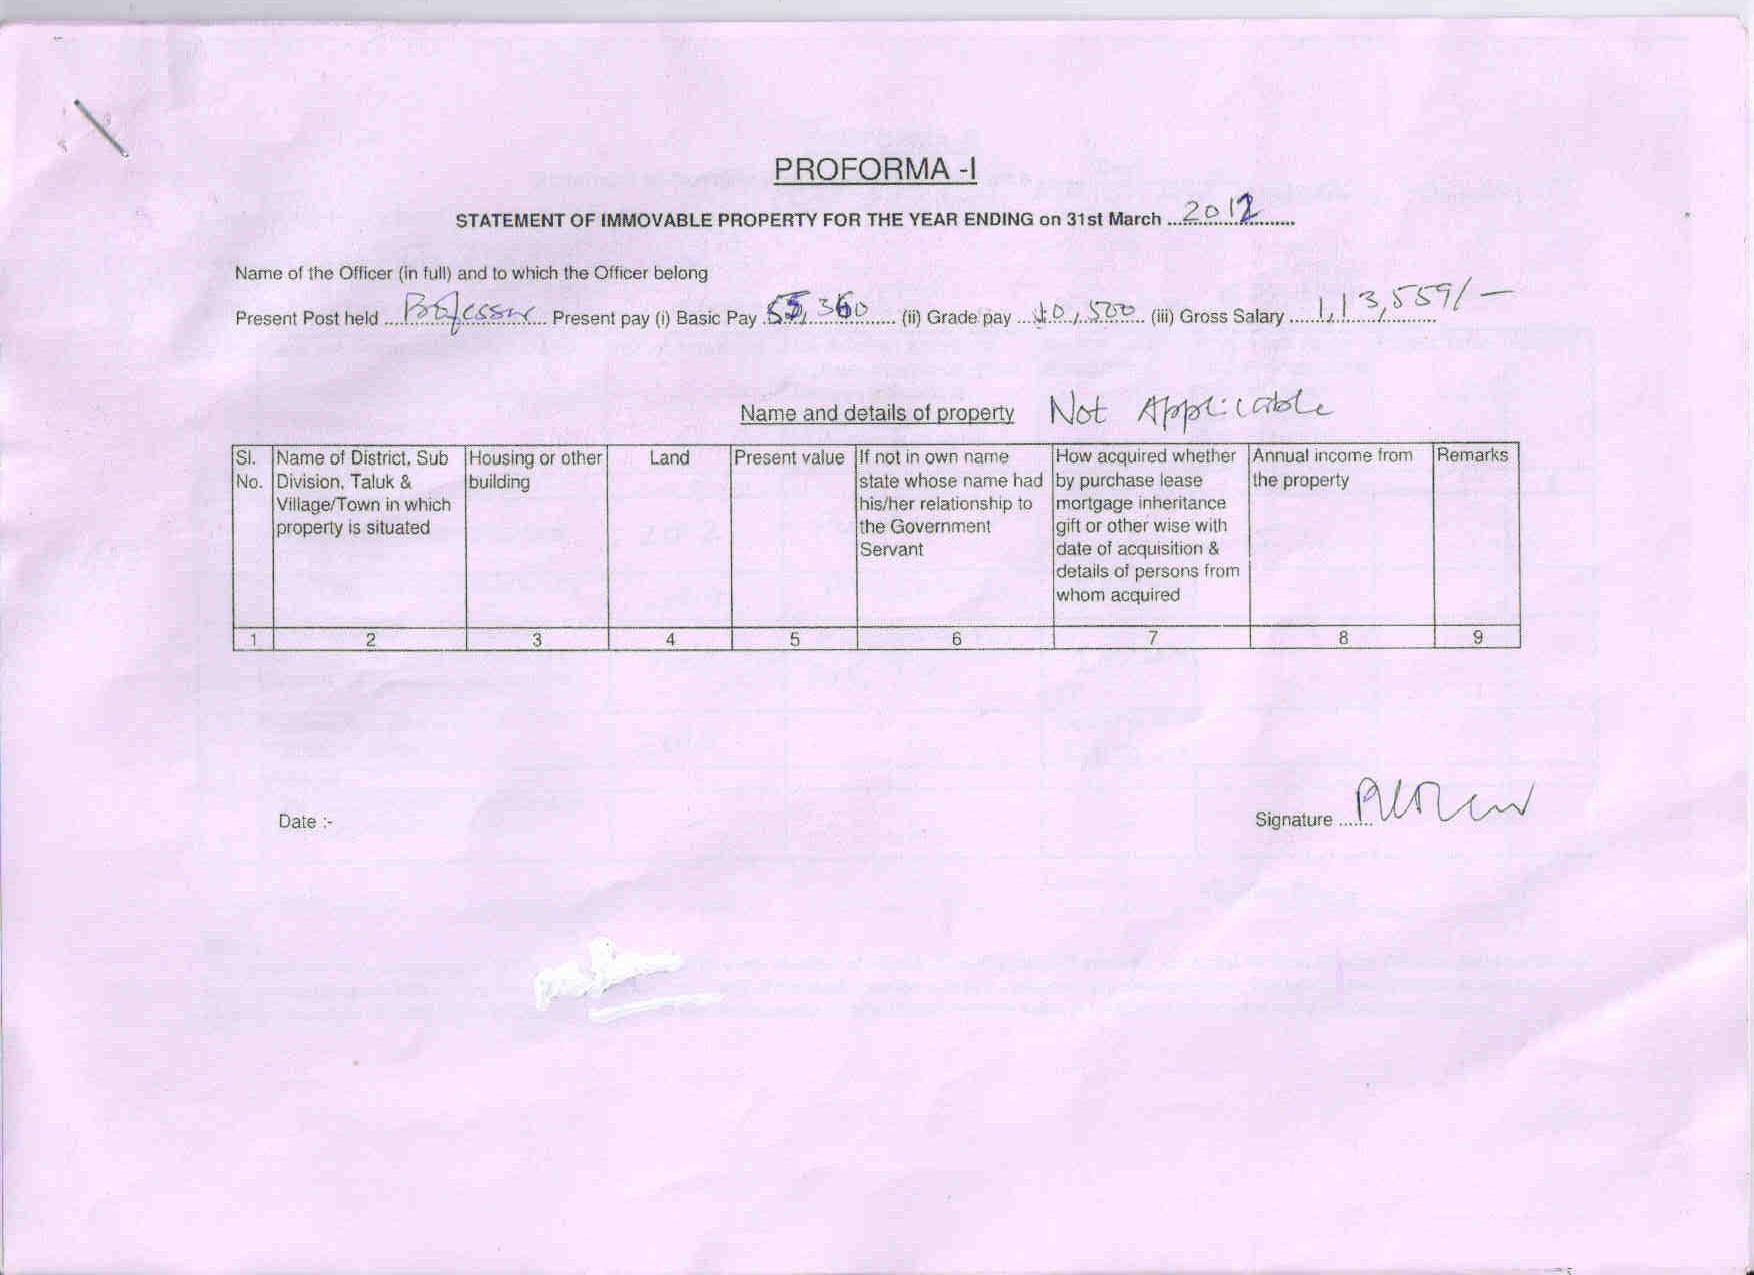 grade pay details